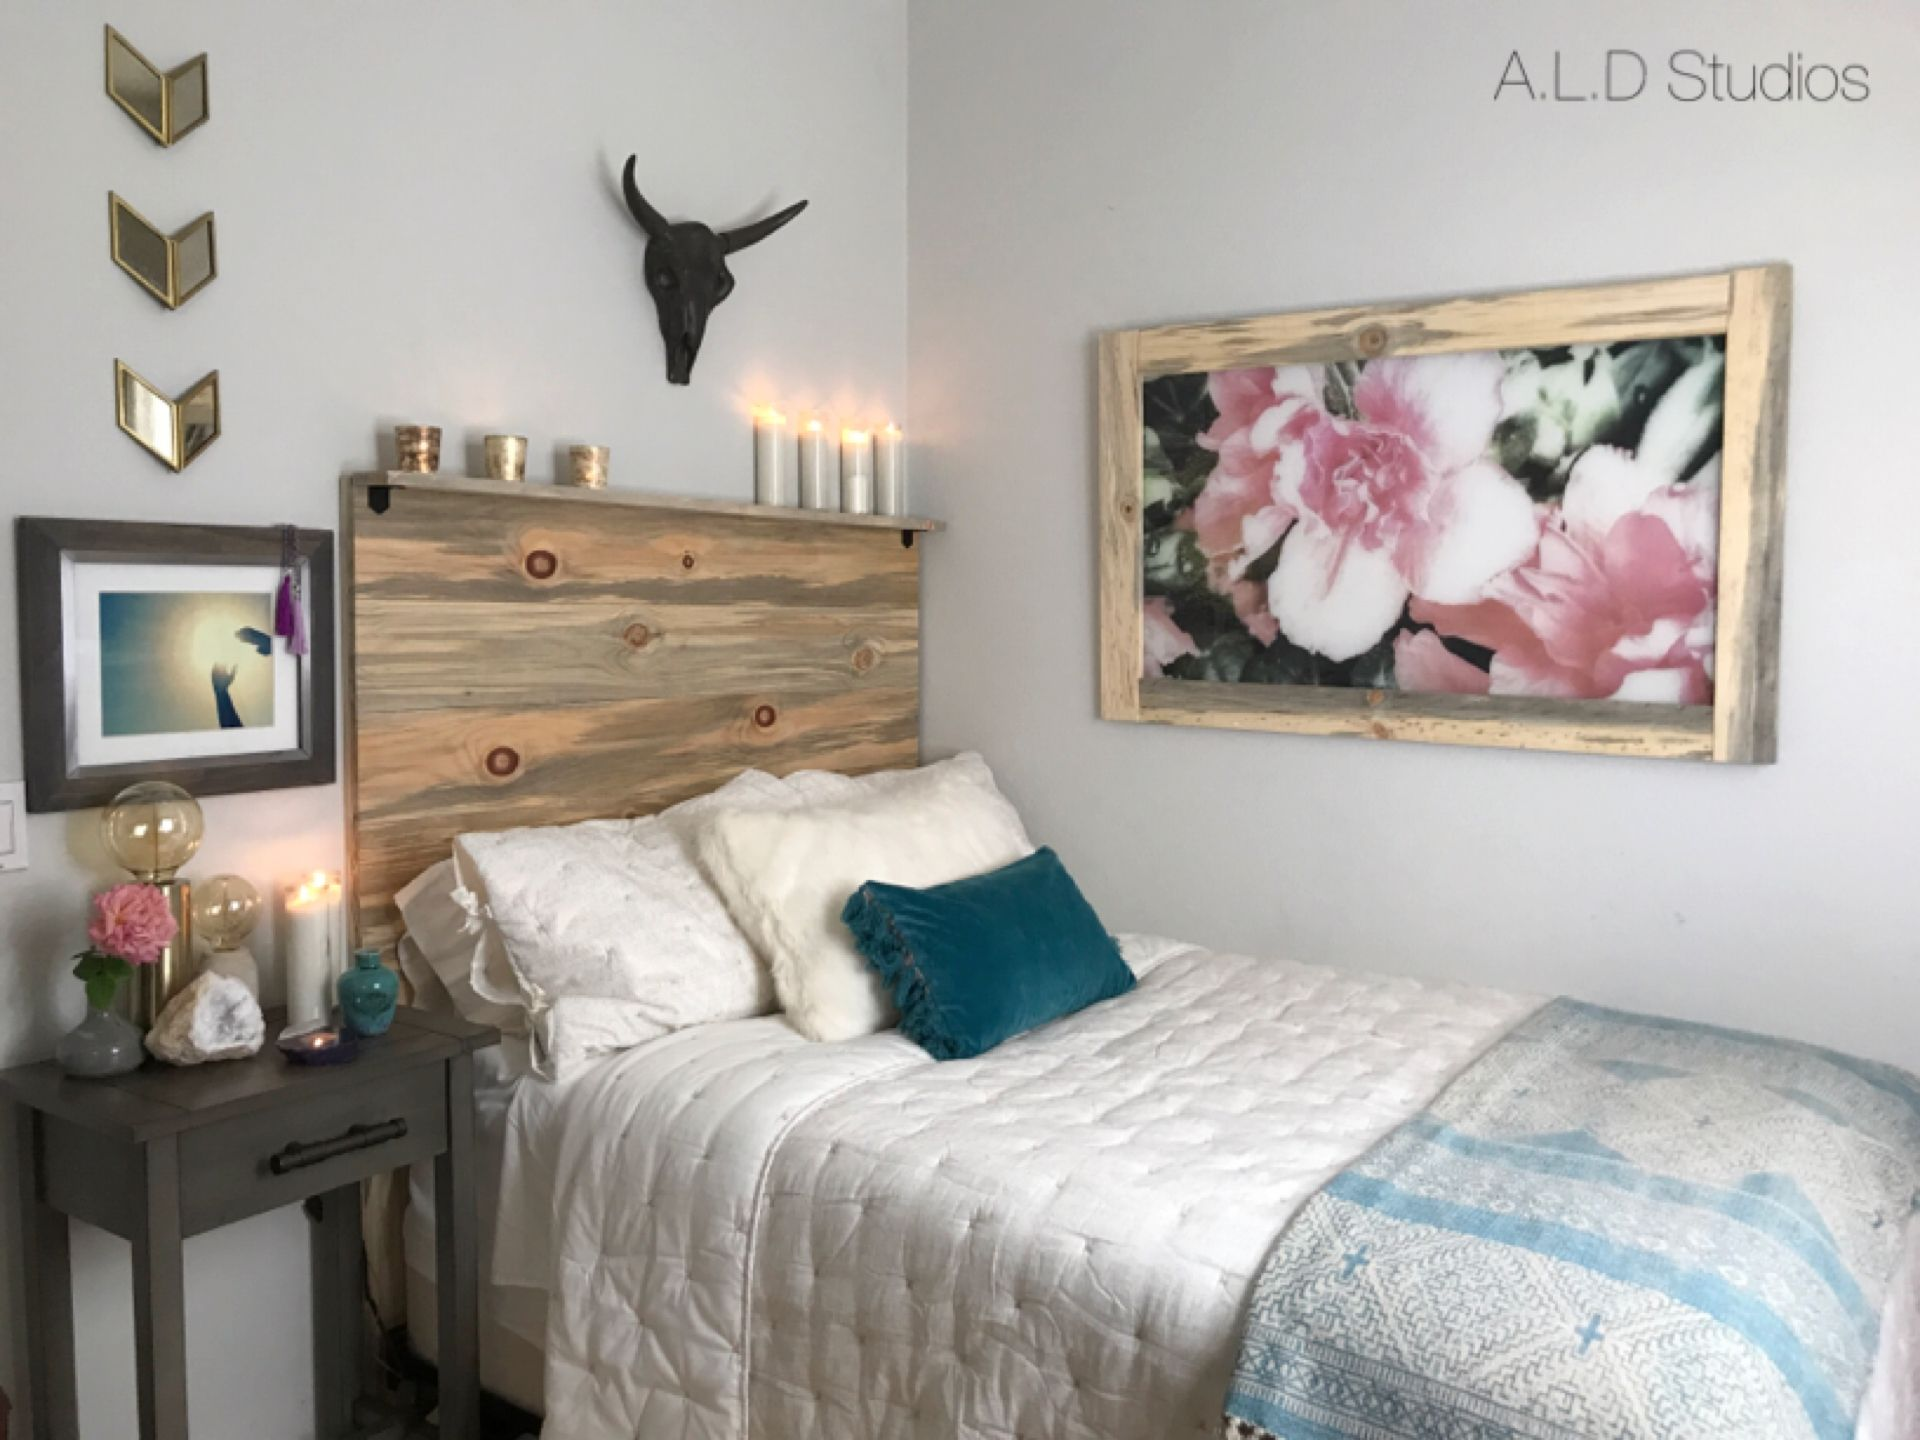 Sophisticated Rustic Chic Bedroom A.L.D Studios, Allyson